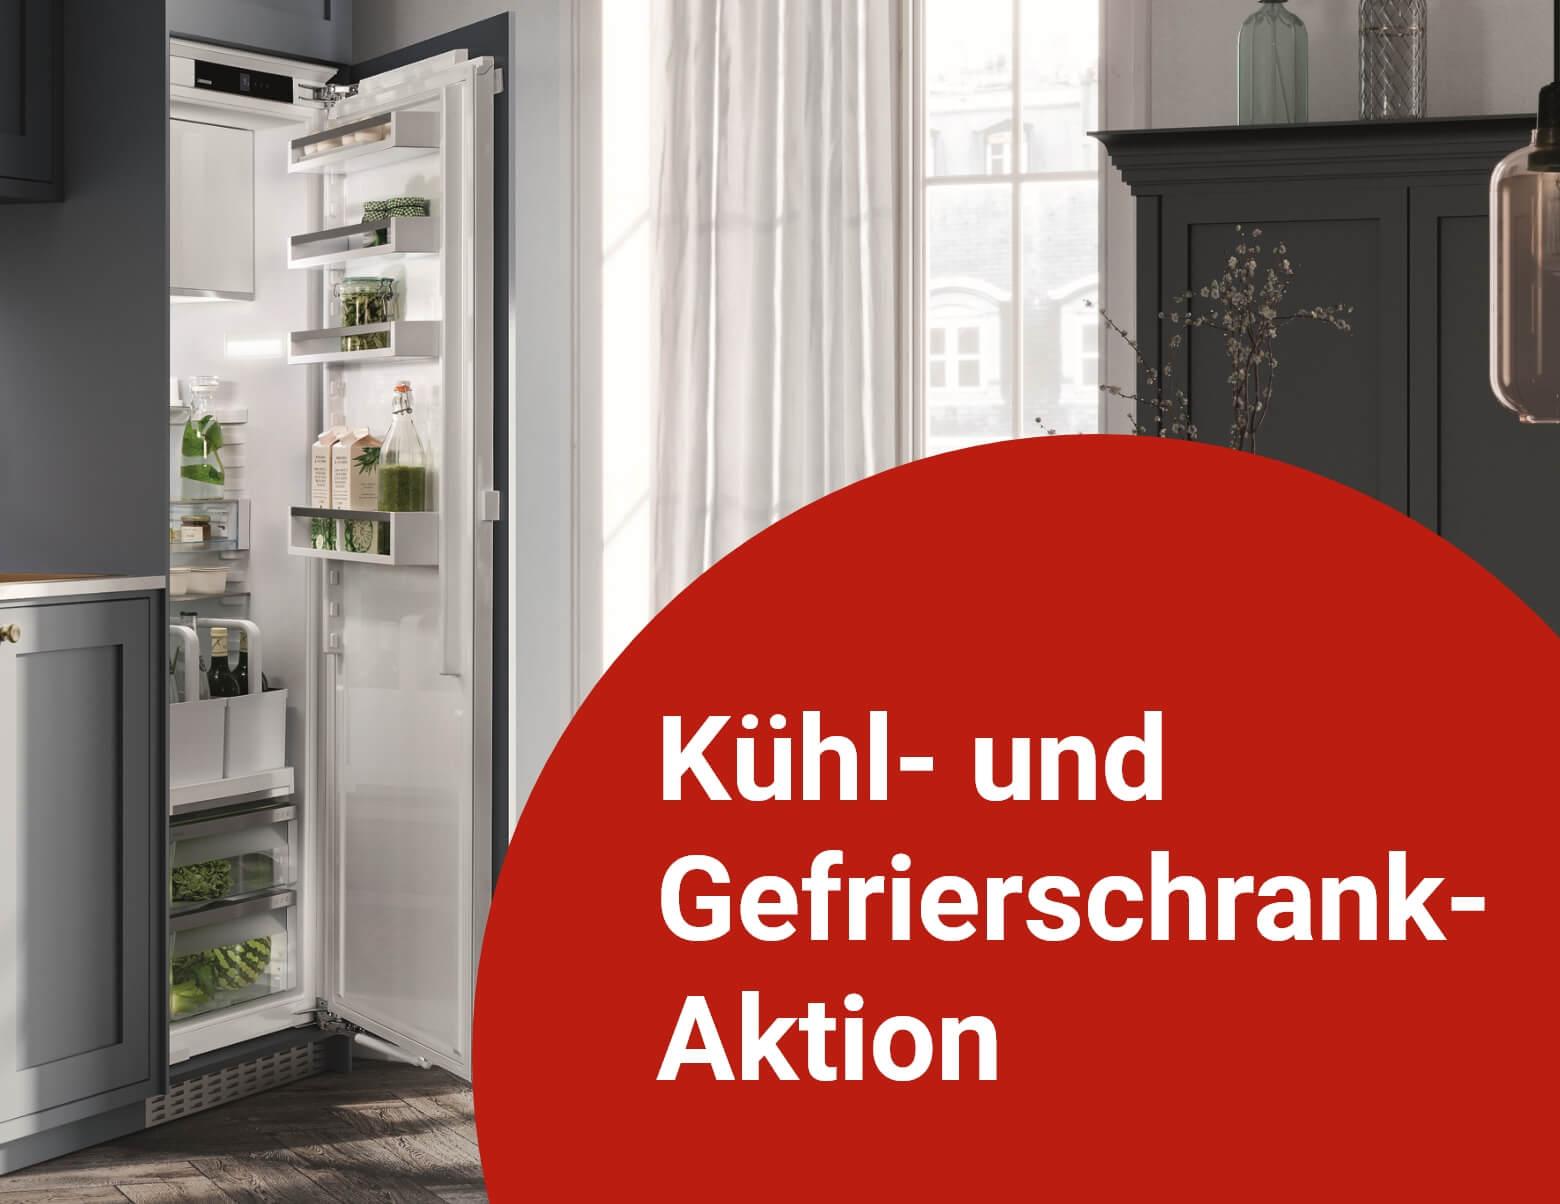 Kühlschrank in Küche mit dem Text Kühl- und Gefriefschrank-Aktion